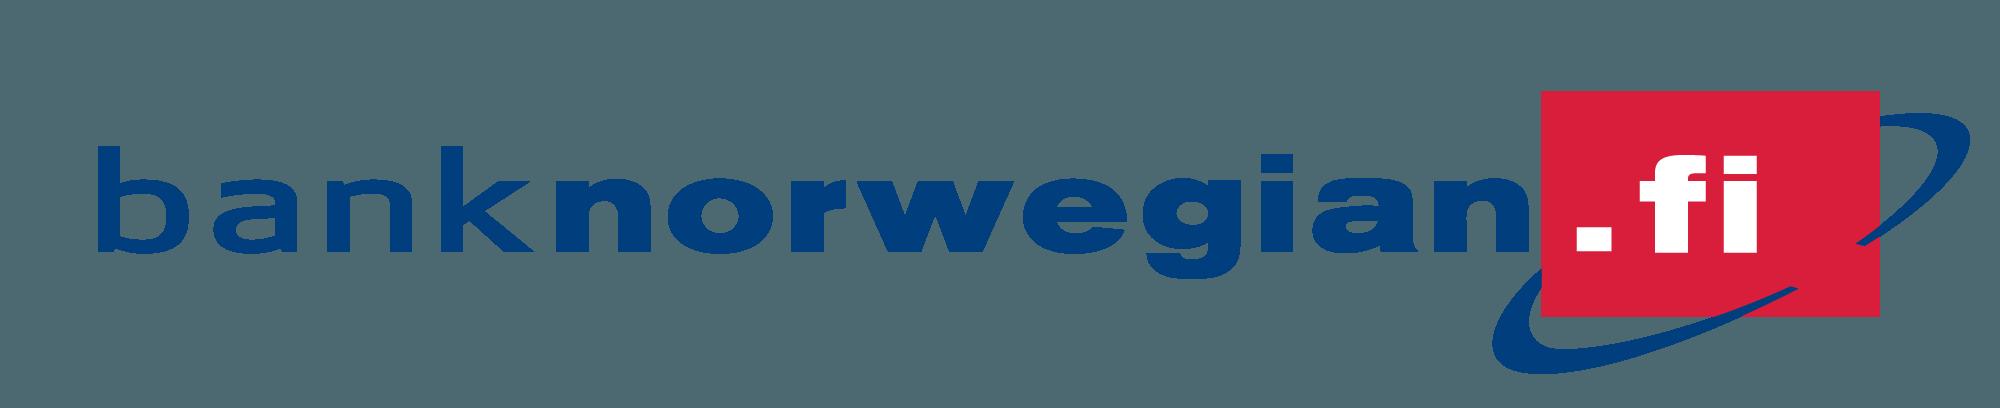 Bank Norwegian on lainasektorin uutuus ja suosikki